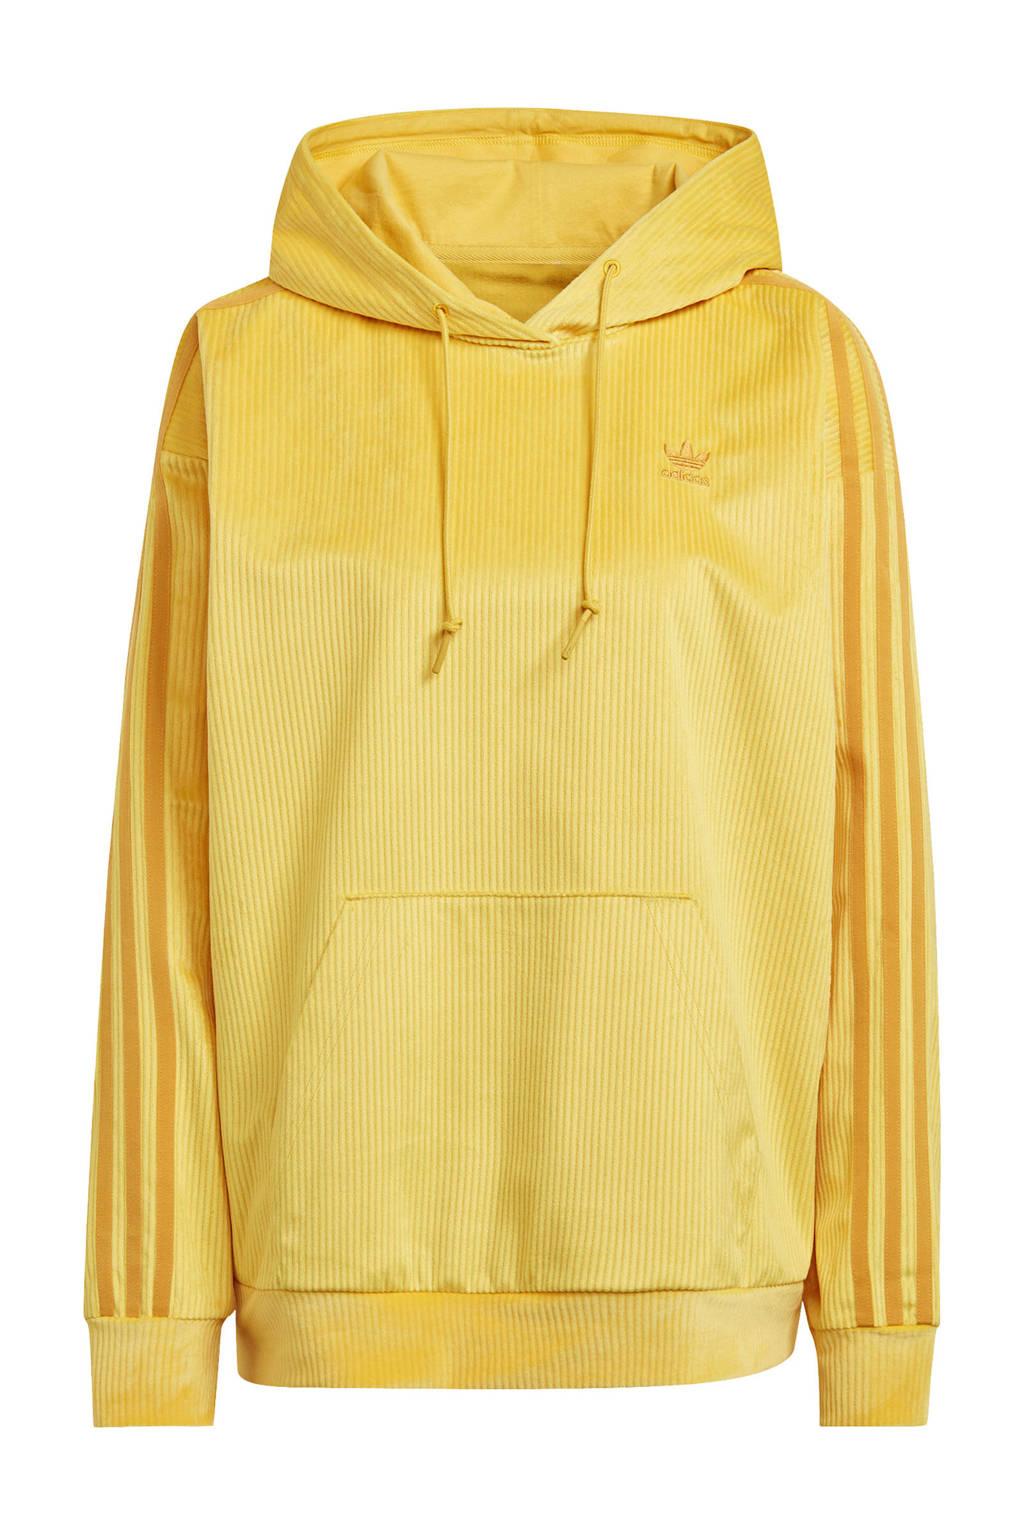 adidas Originals Corduroy hoodie geel, Geel